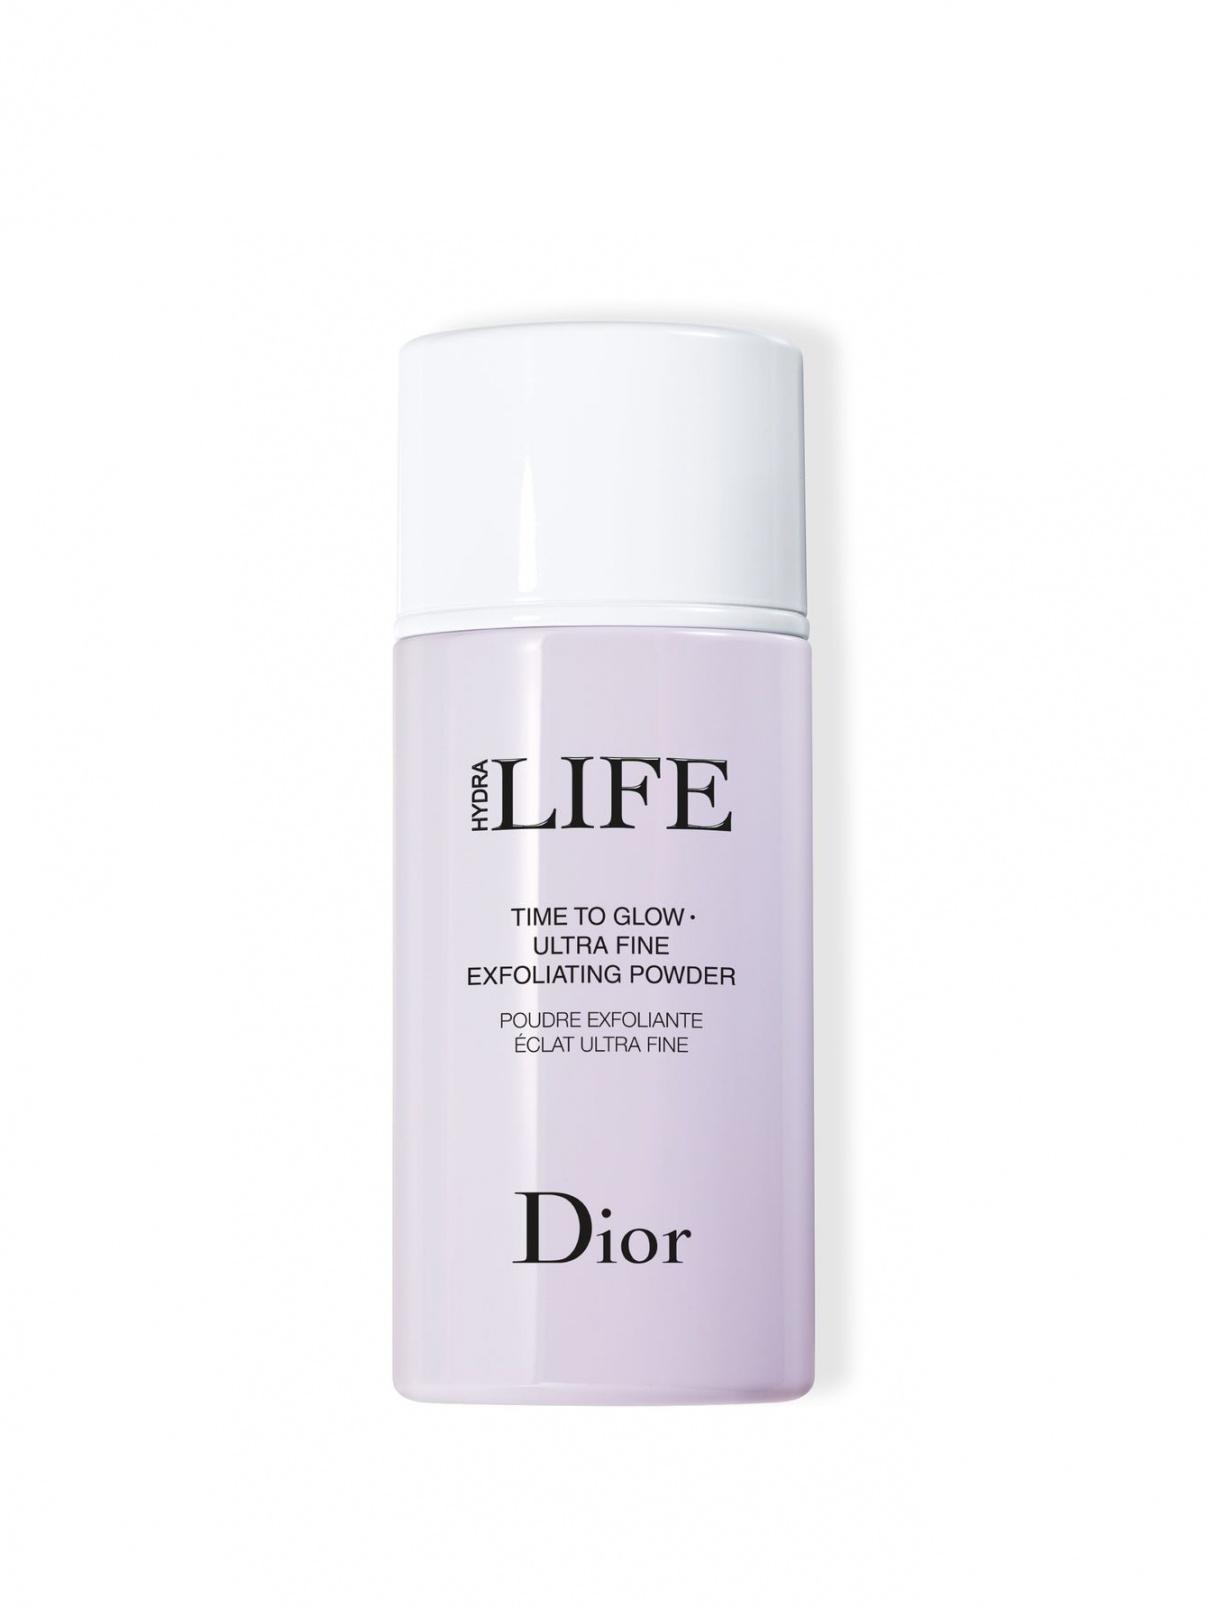 Эксфолиант с текстурой пудры 40 г Hydra Life Christian Dior  –  Общий вид